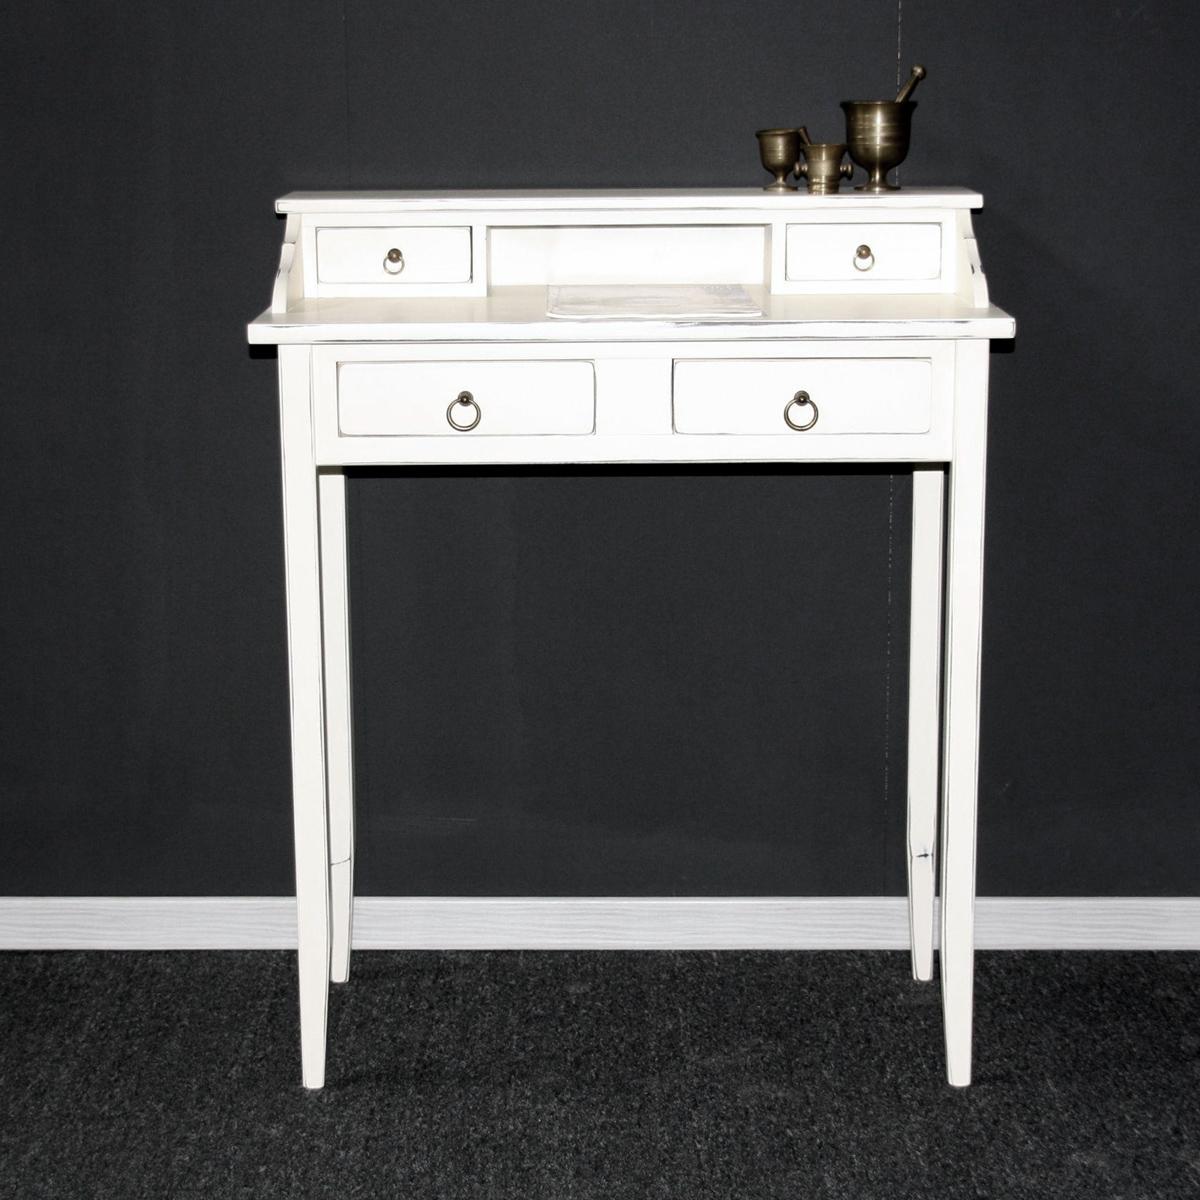 Schreibtisch vintage weiß  Weiße Möbel Vollholz – Italienische Möbel von Casa de mobila